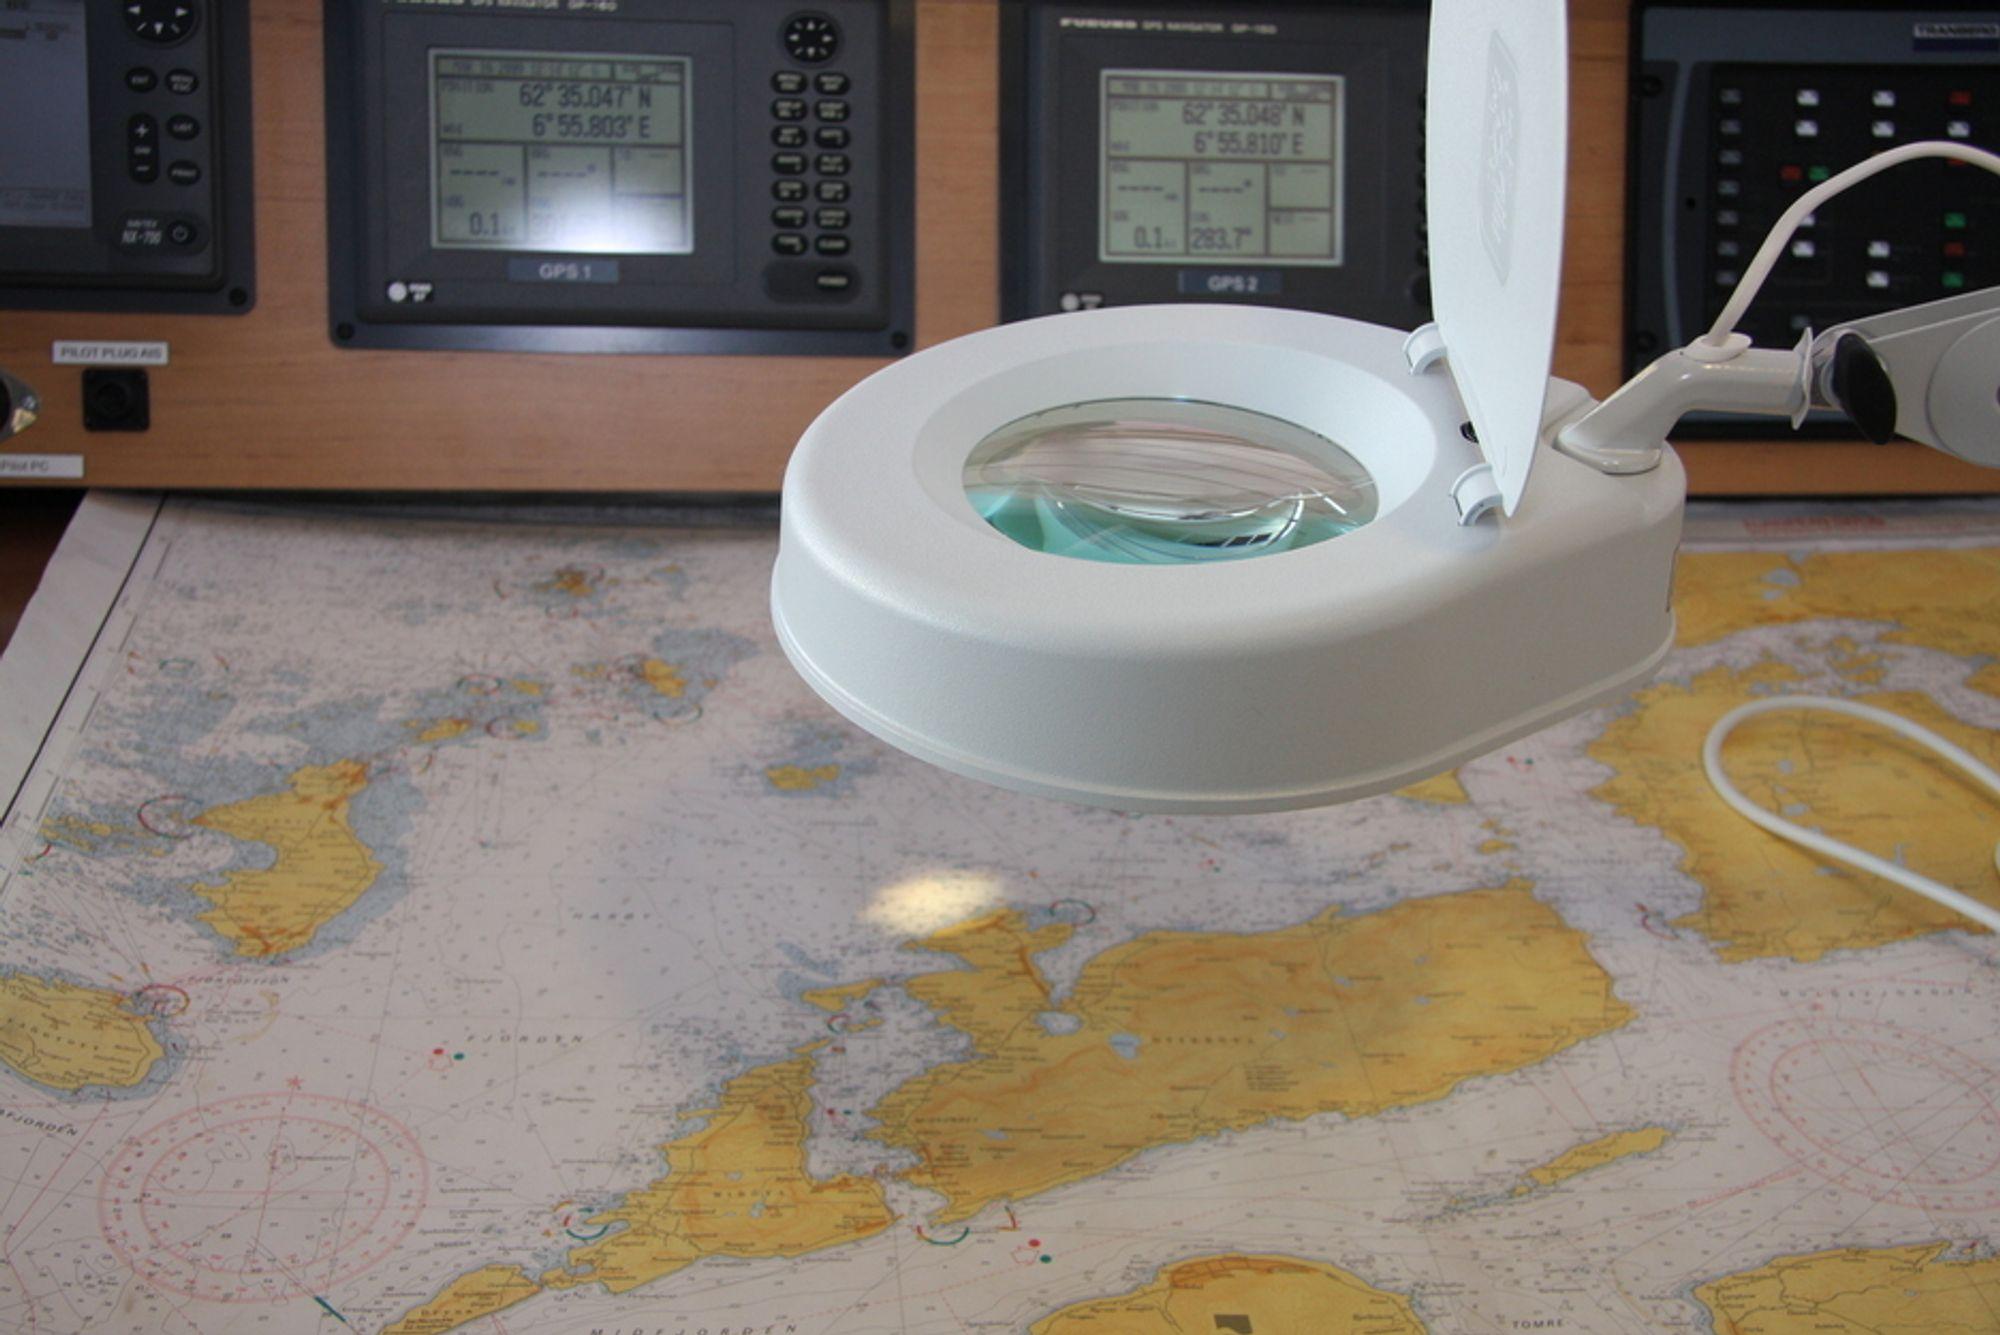 KURS: Sikker navigasjon forutsetter gode kart og sikker kommunikasjon.